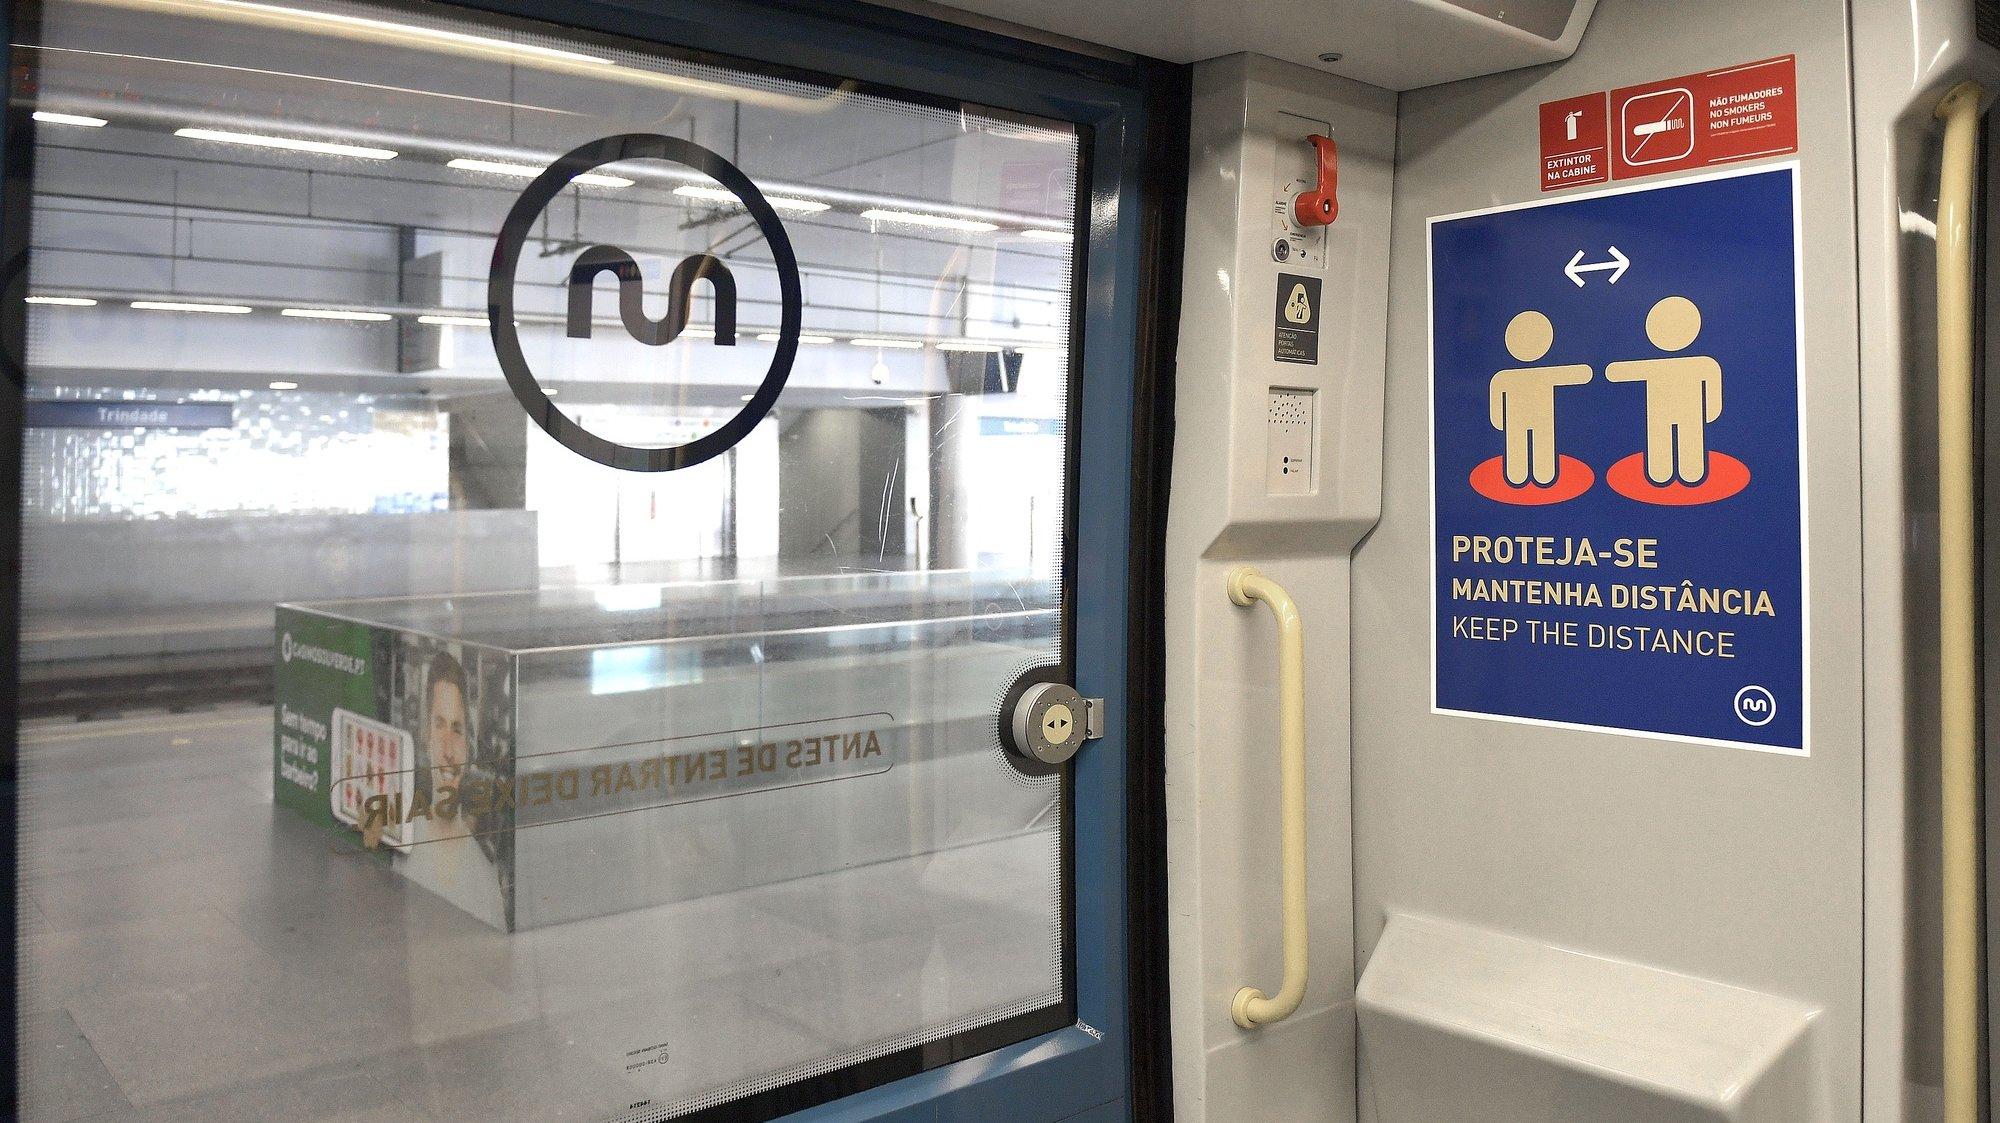 Indicações aos passageiros numa carruagem do Metro do Porto, na estação da Trindade, onde estão implementadas medidas de prevenção no combate à pandemia da covid-19, Porto 03 de maio de 2020. FERNANDO VELUDO / LUSA